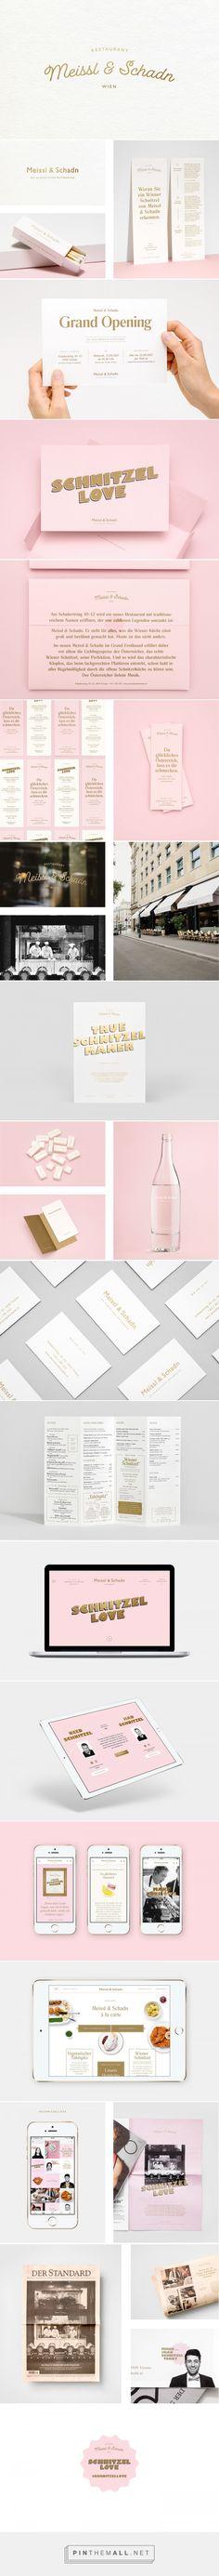 Meissl & Schadn restaurant branding by Moodley Brand Identity